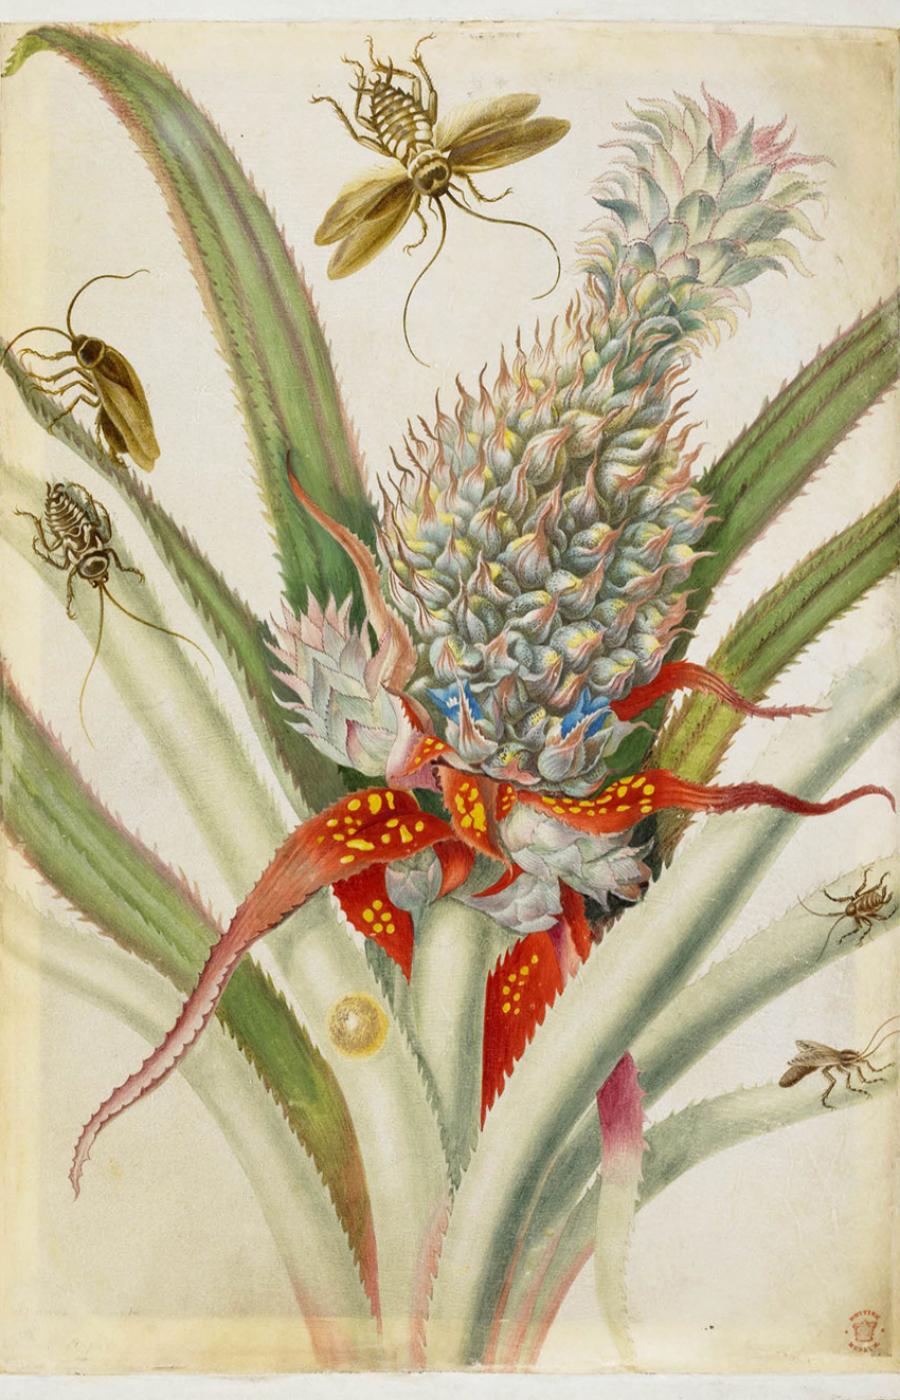 Maria Sibylla Merian, la precursora de entomología moderna.